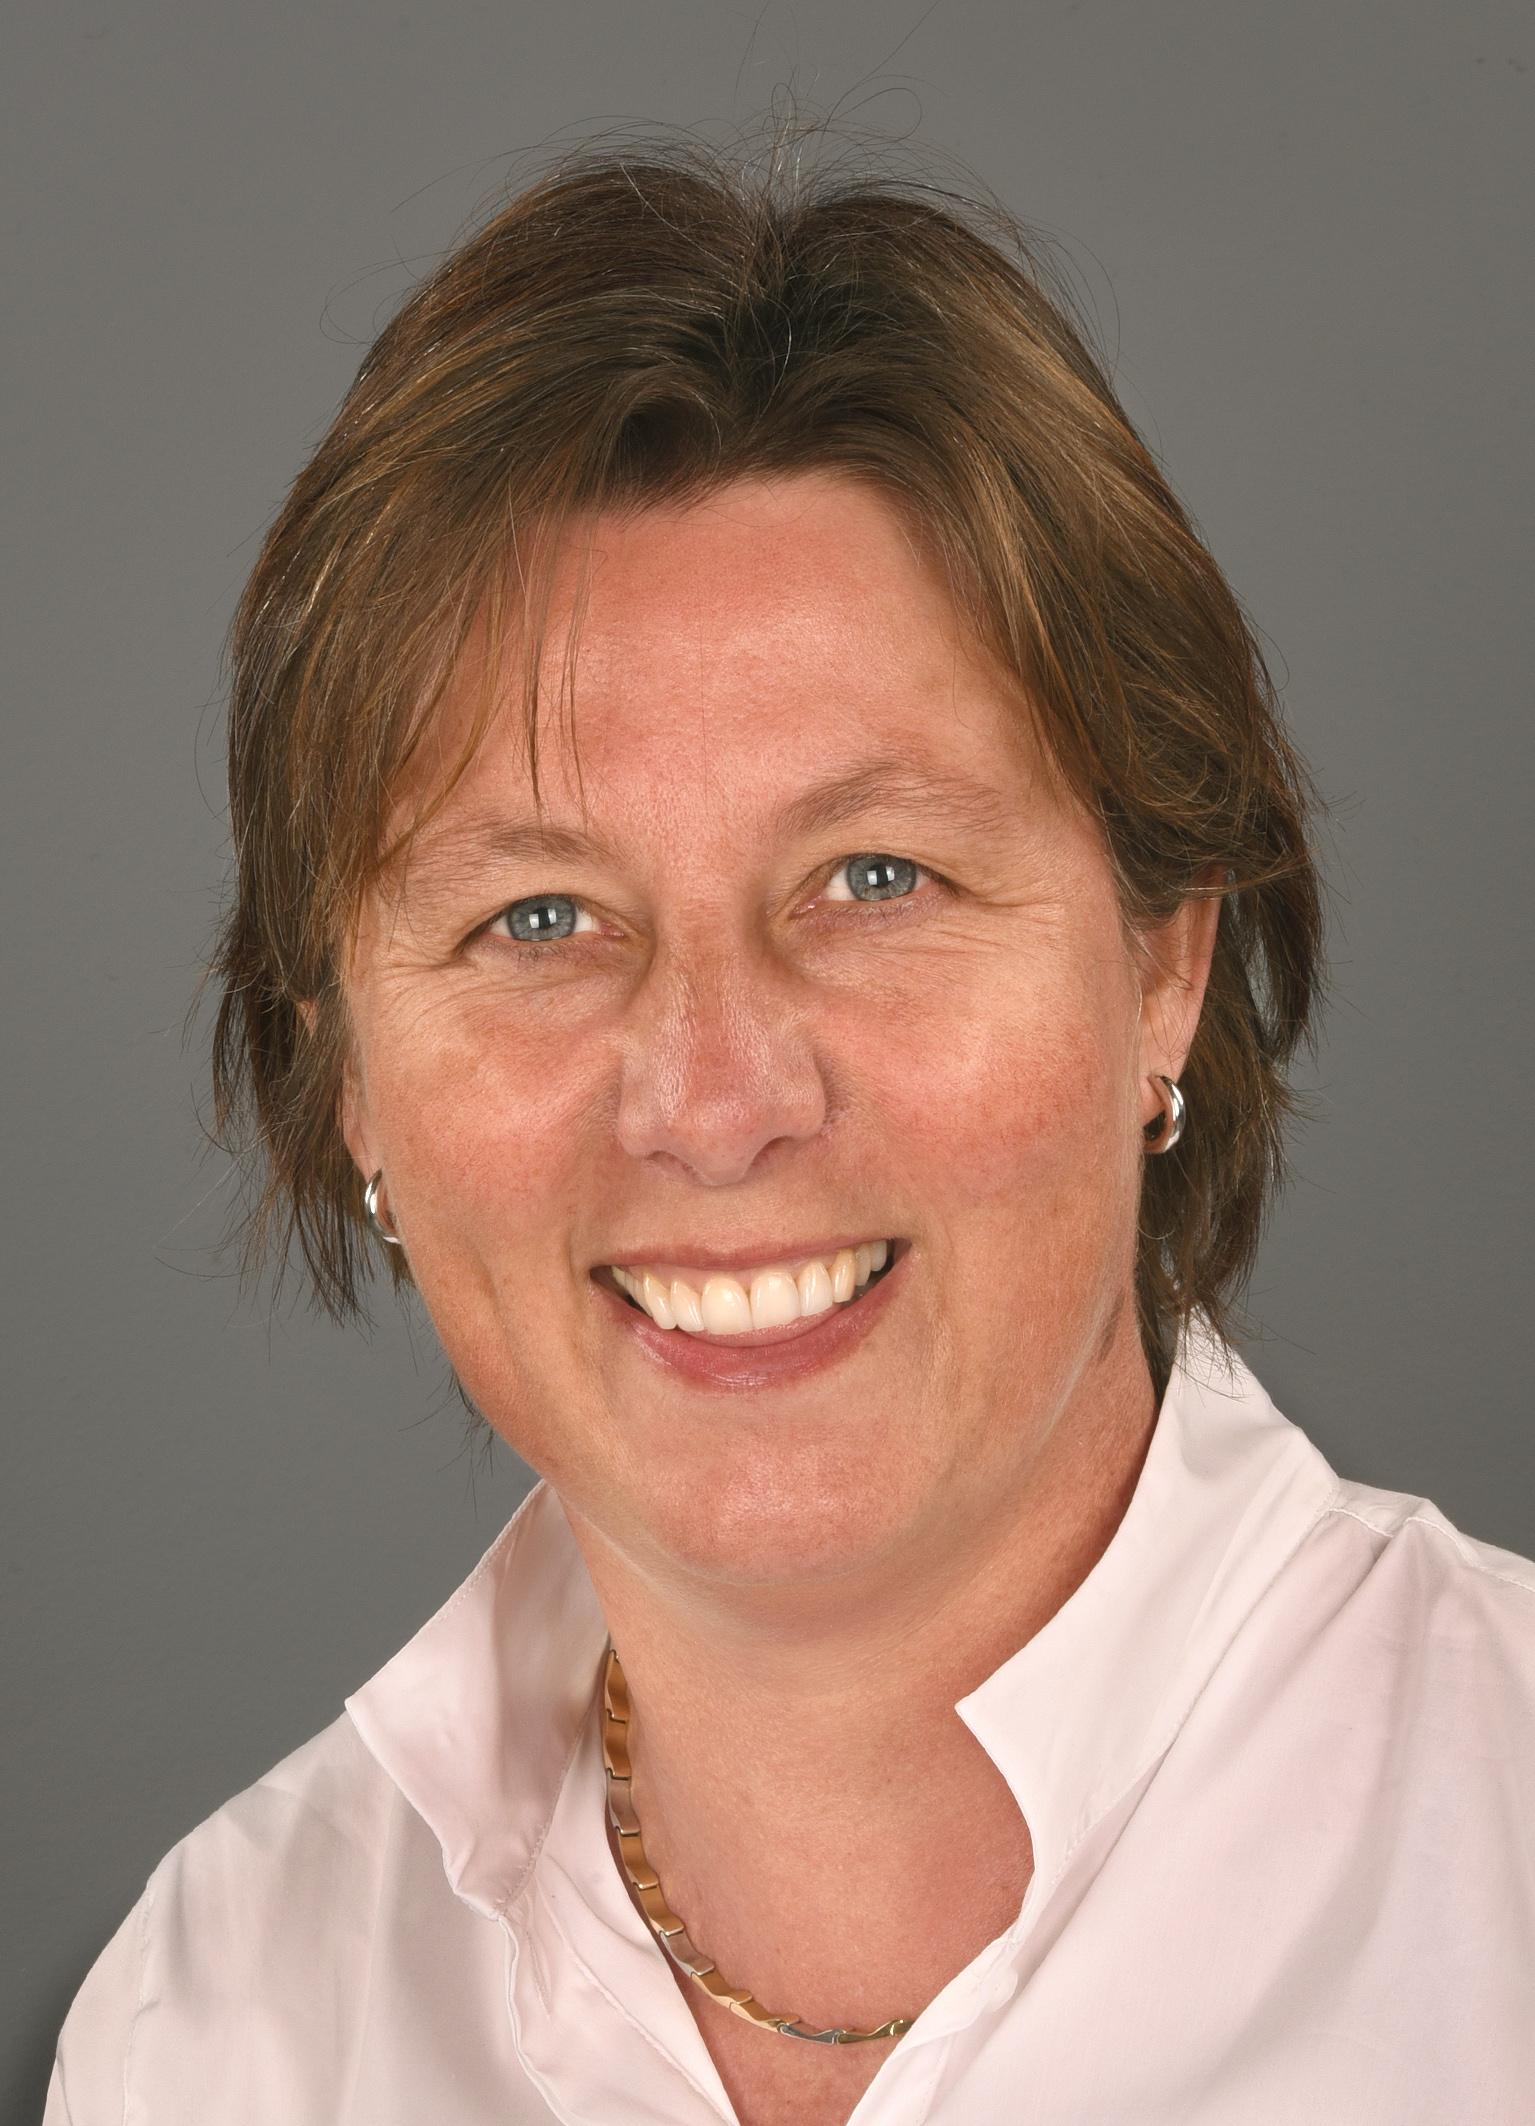 Dr. Simone Gorter